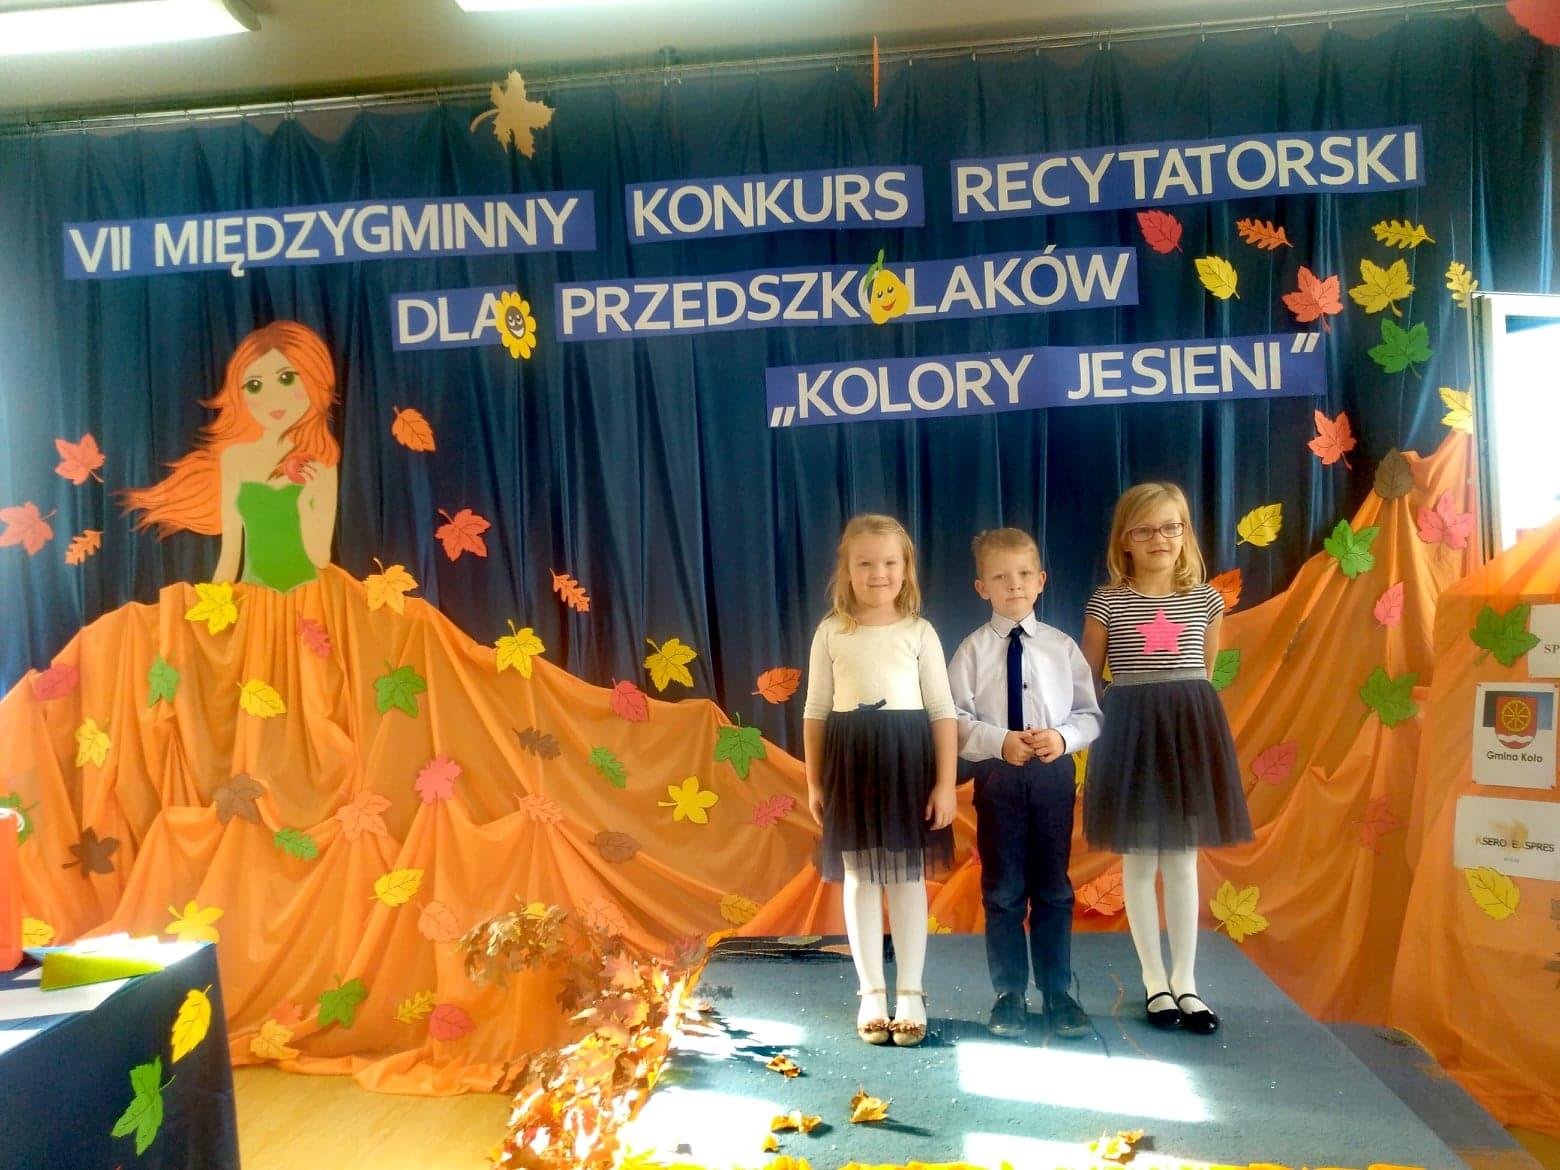 Vii Międzygminny Konkurs Recytatorski Dla Przedszkolaków We